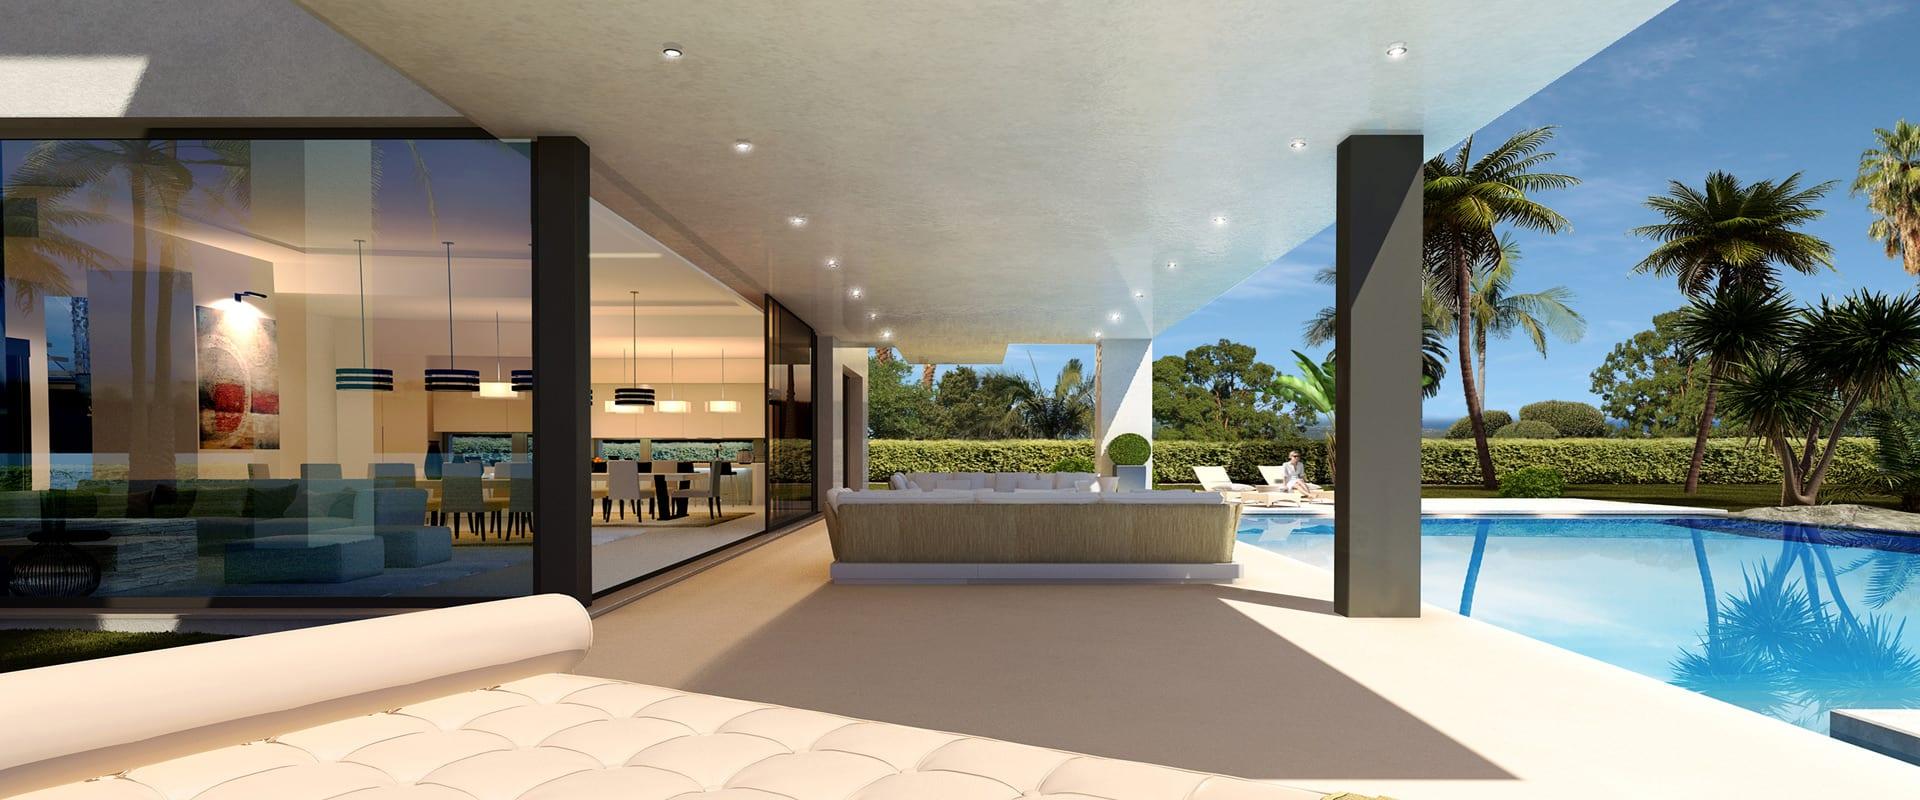 goldene meile marbella moderne villen mit meerblick in wohnanlage - Moderne Villen